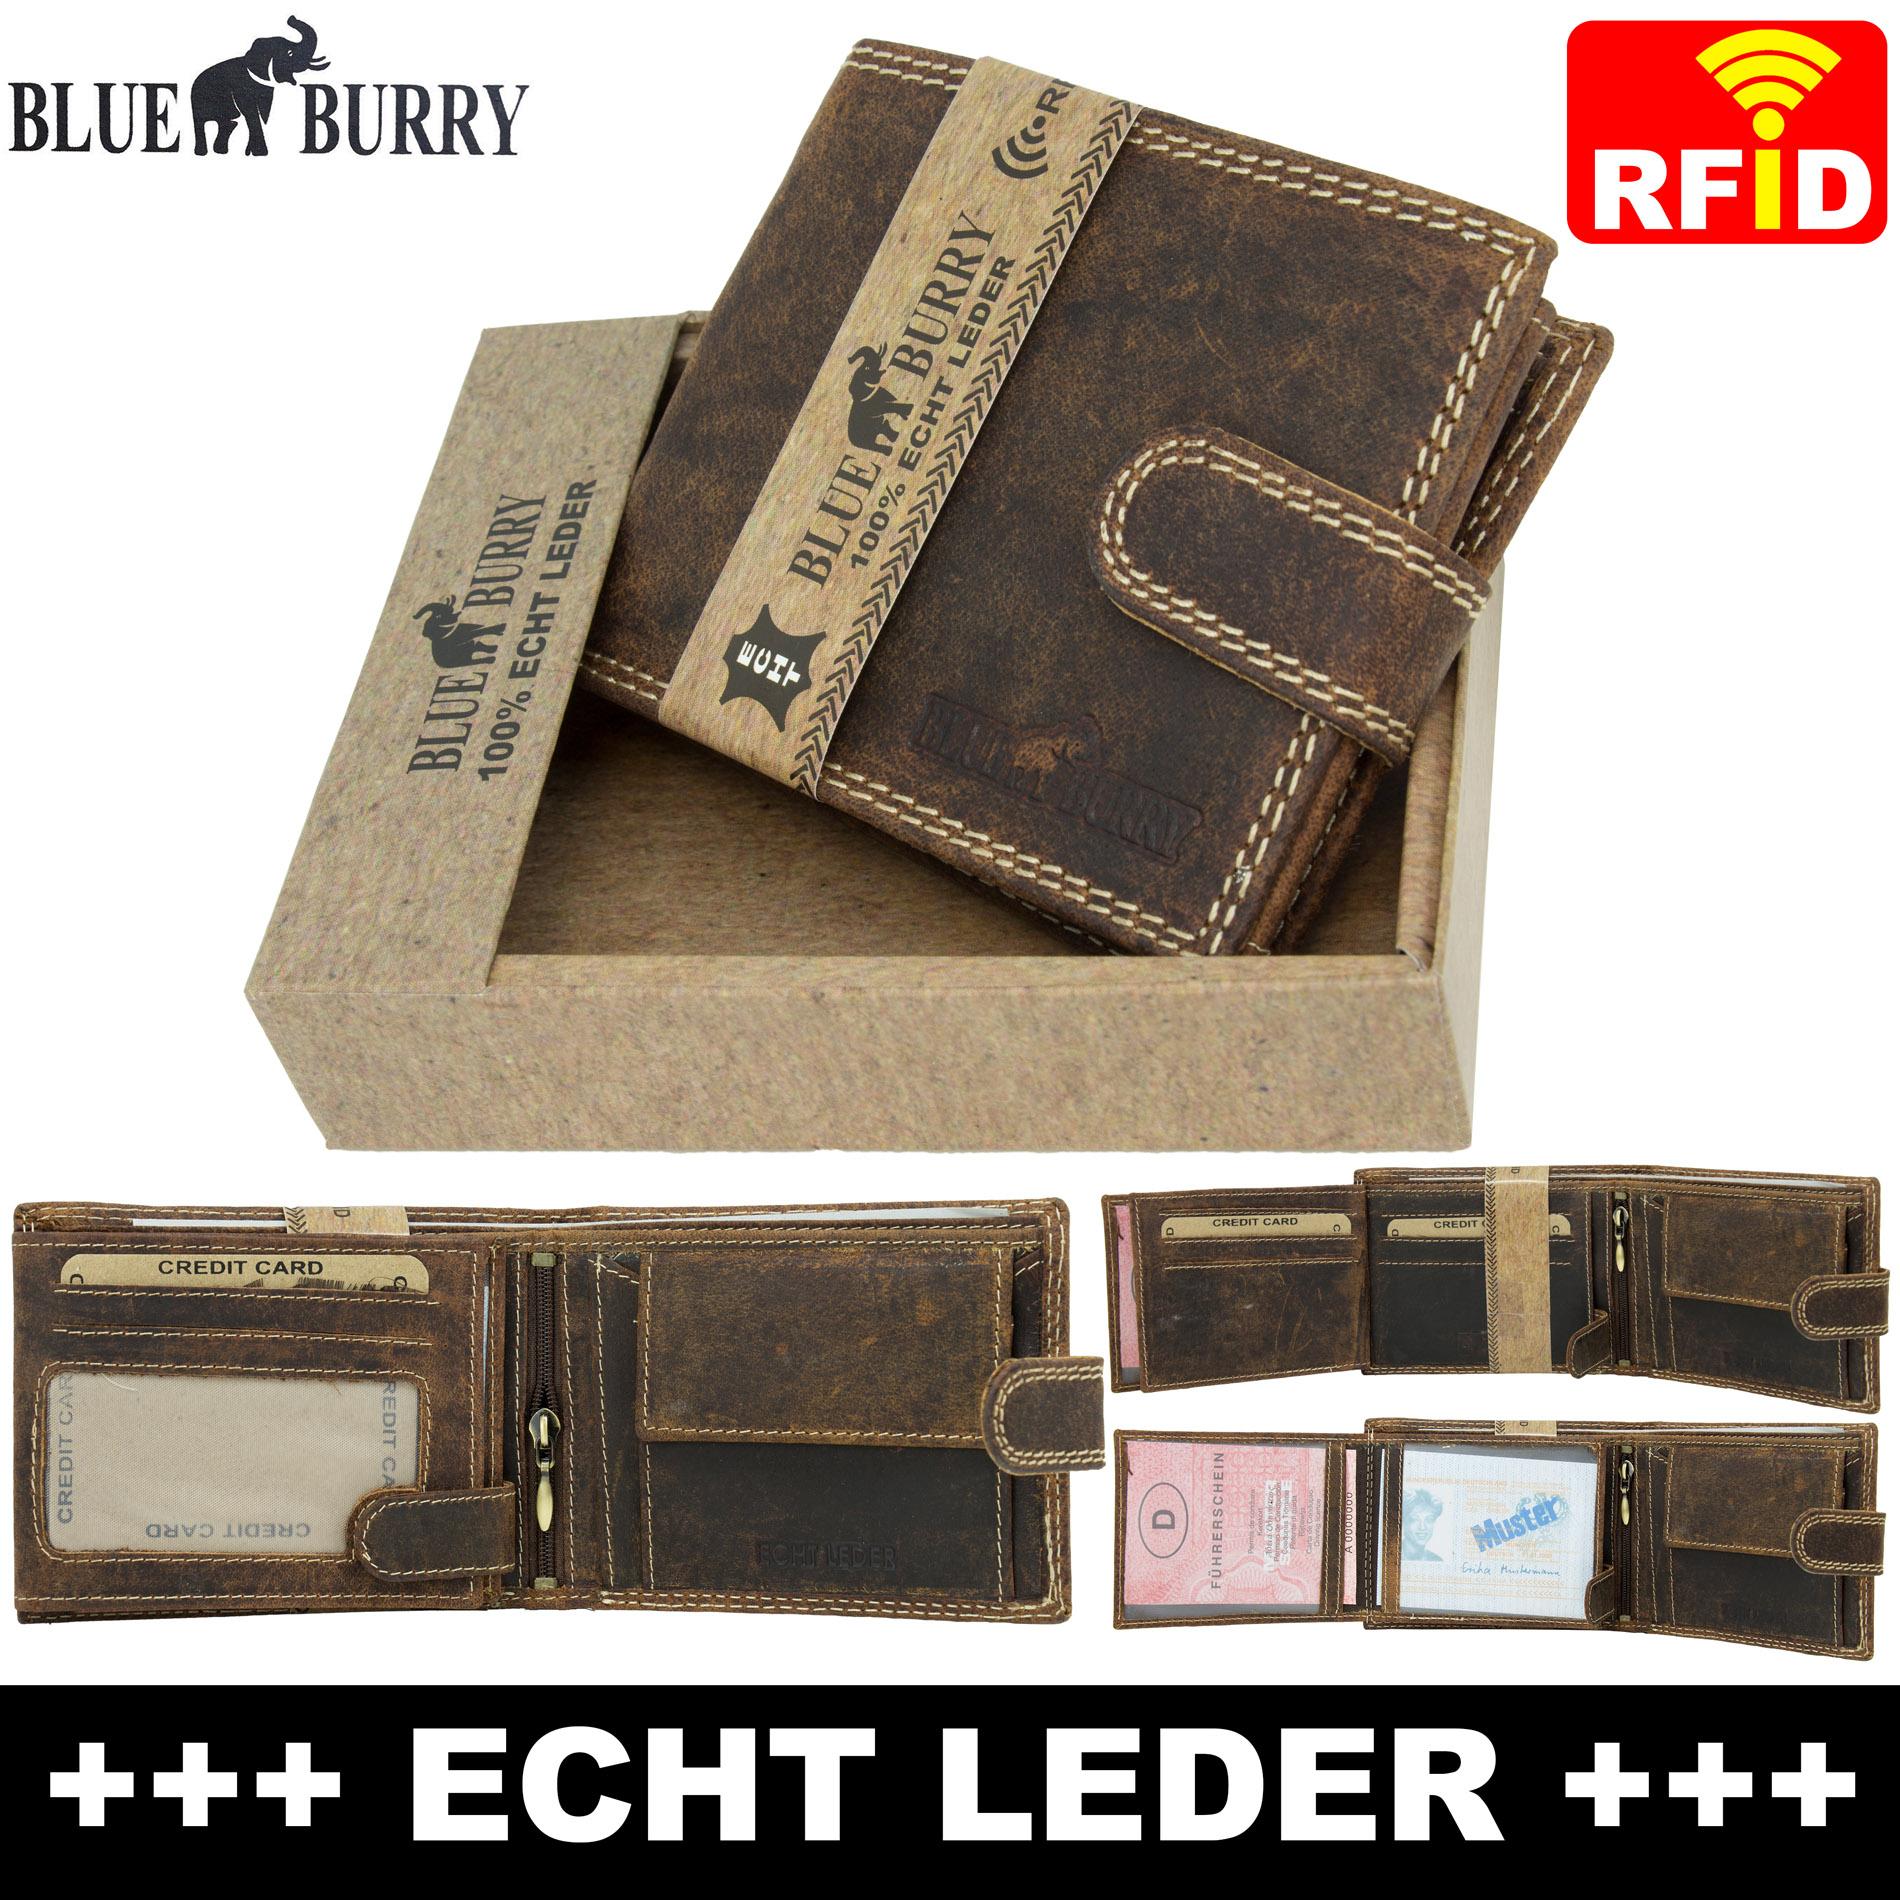 9132384fb41d2 ... Vorschau  Premium Herren Portemonnaie aus Leder mit RFID-Schutz RF-02-L